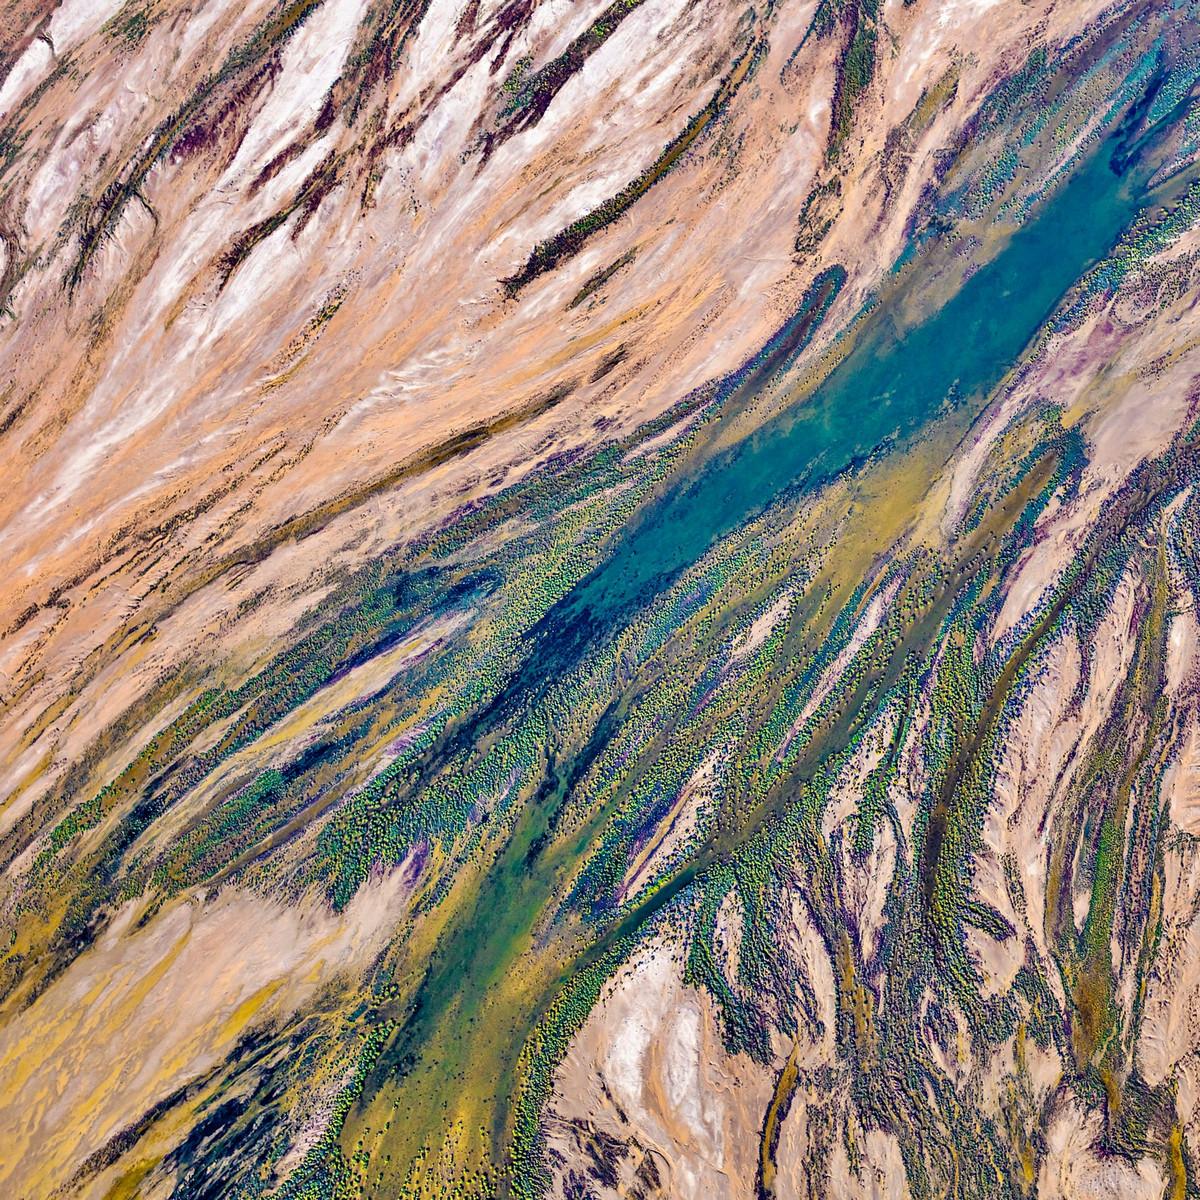 Озеро Эйр в аэрофотографиях 5